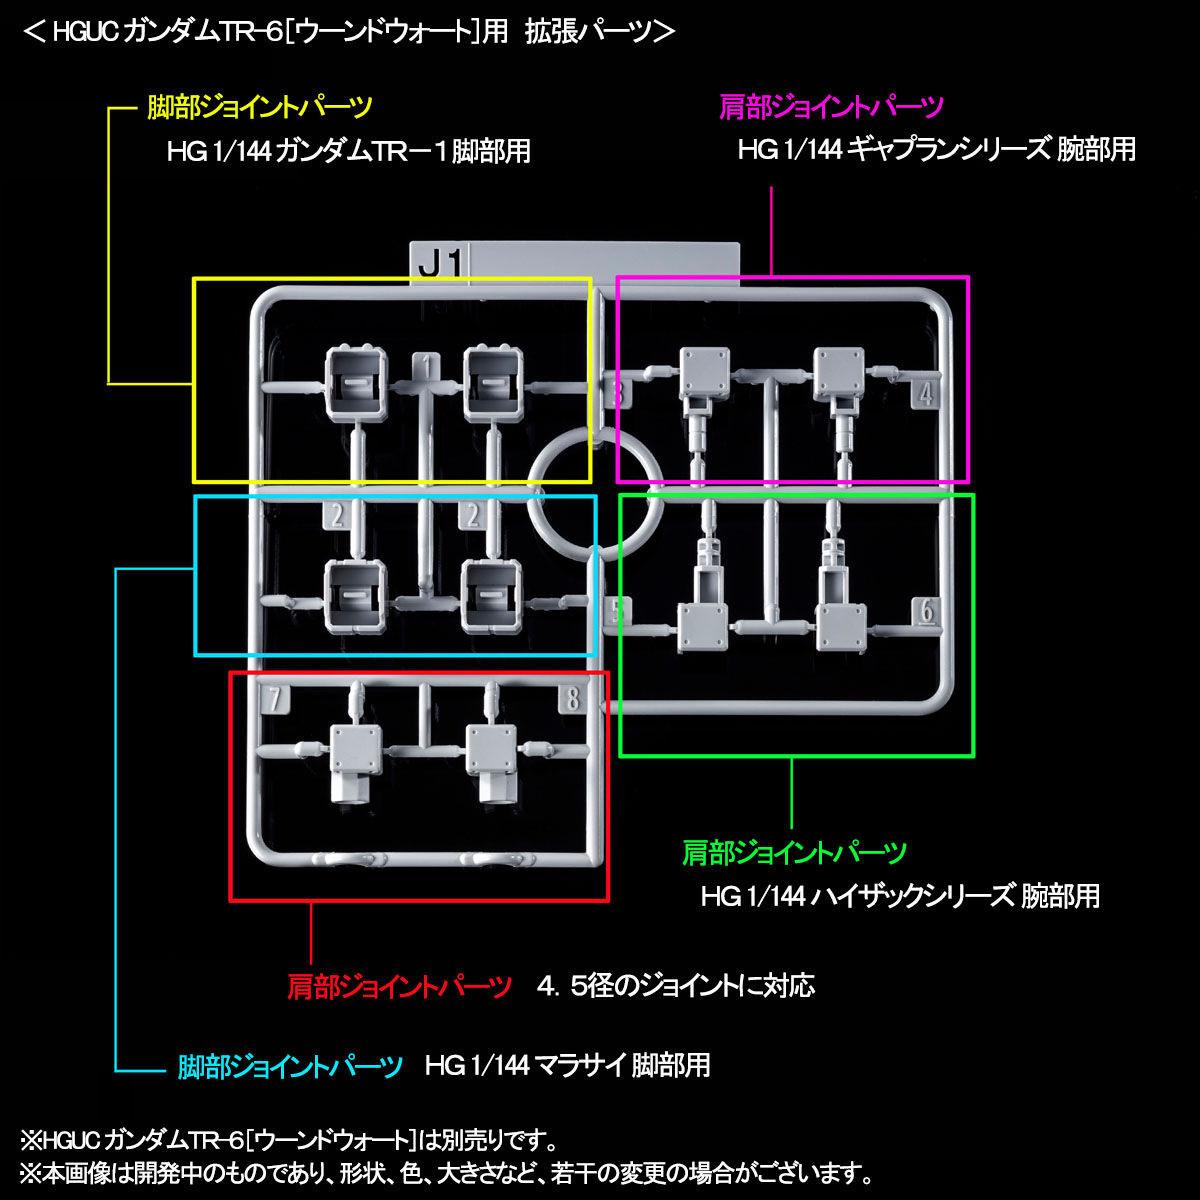 HG 1/144『ガンダムTR-1[アドバンスド・ヘイズル]&ガンダムTR-6用拡張パーツ』プラモデル-009